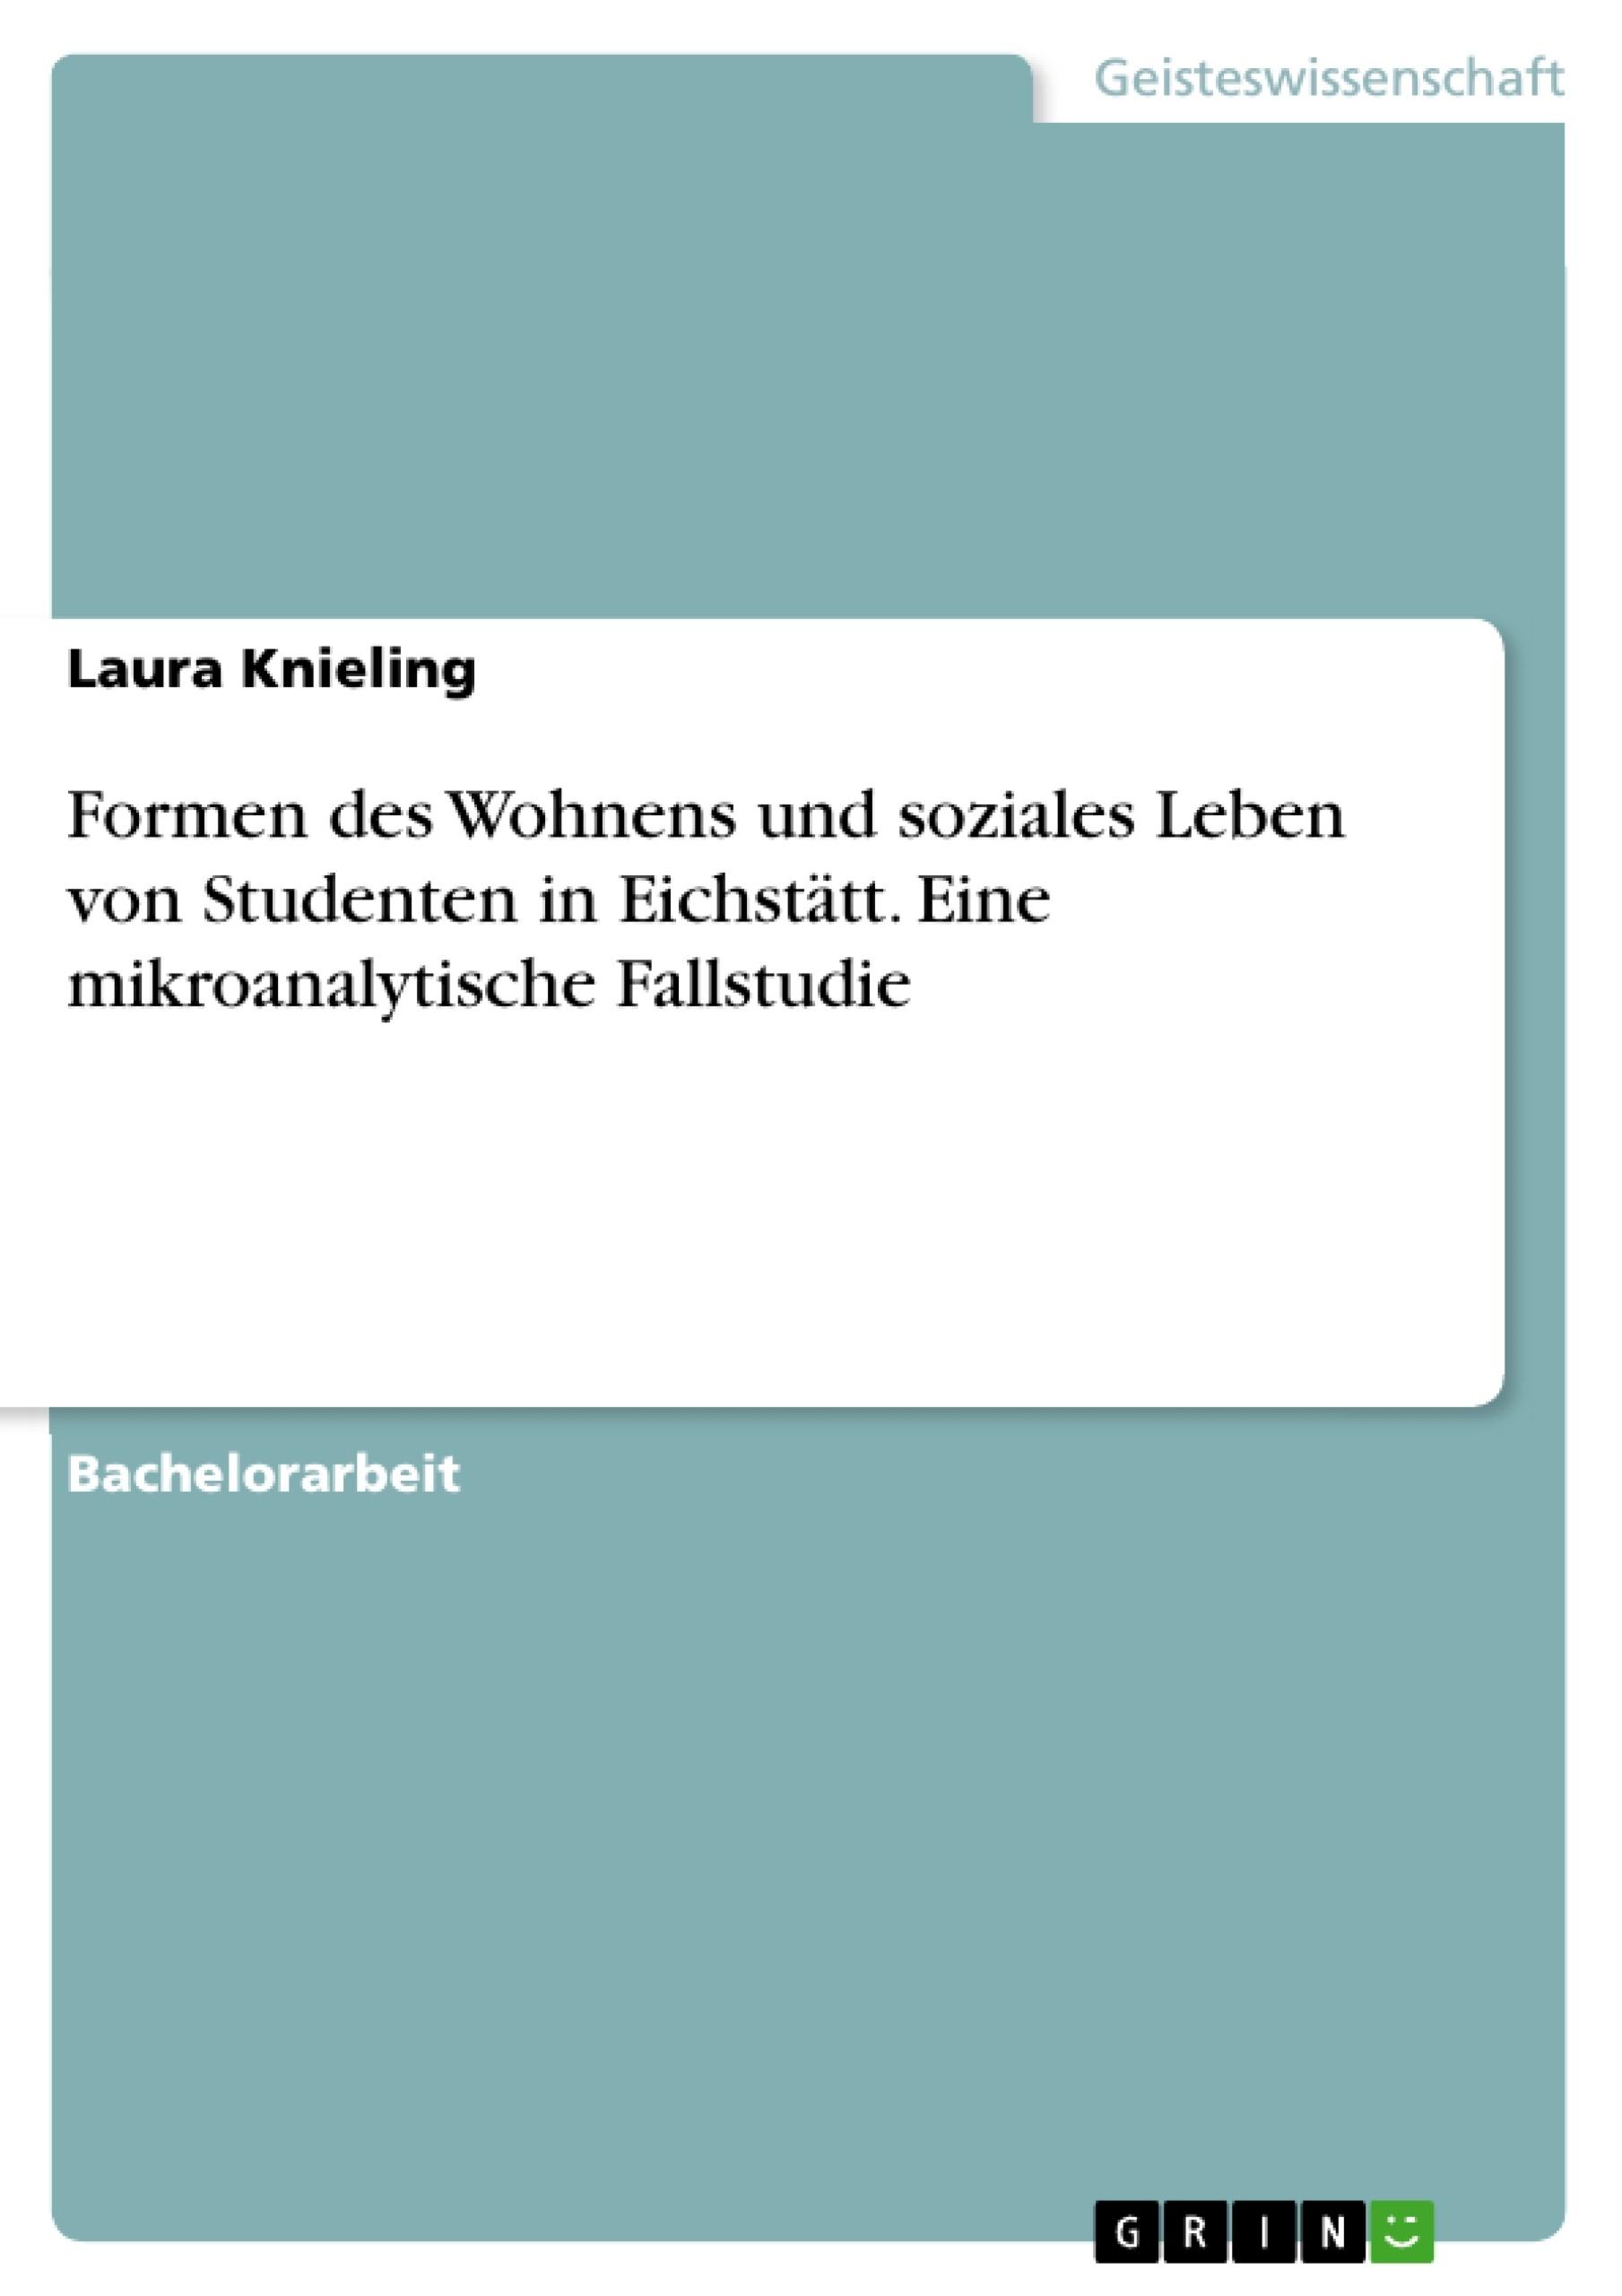 Titel: Formen des Wohnens und soziales Leben von Studenten in Eichstätt.  Eine mikroanalytische Fallstudie